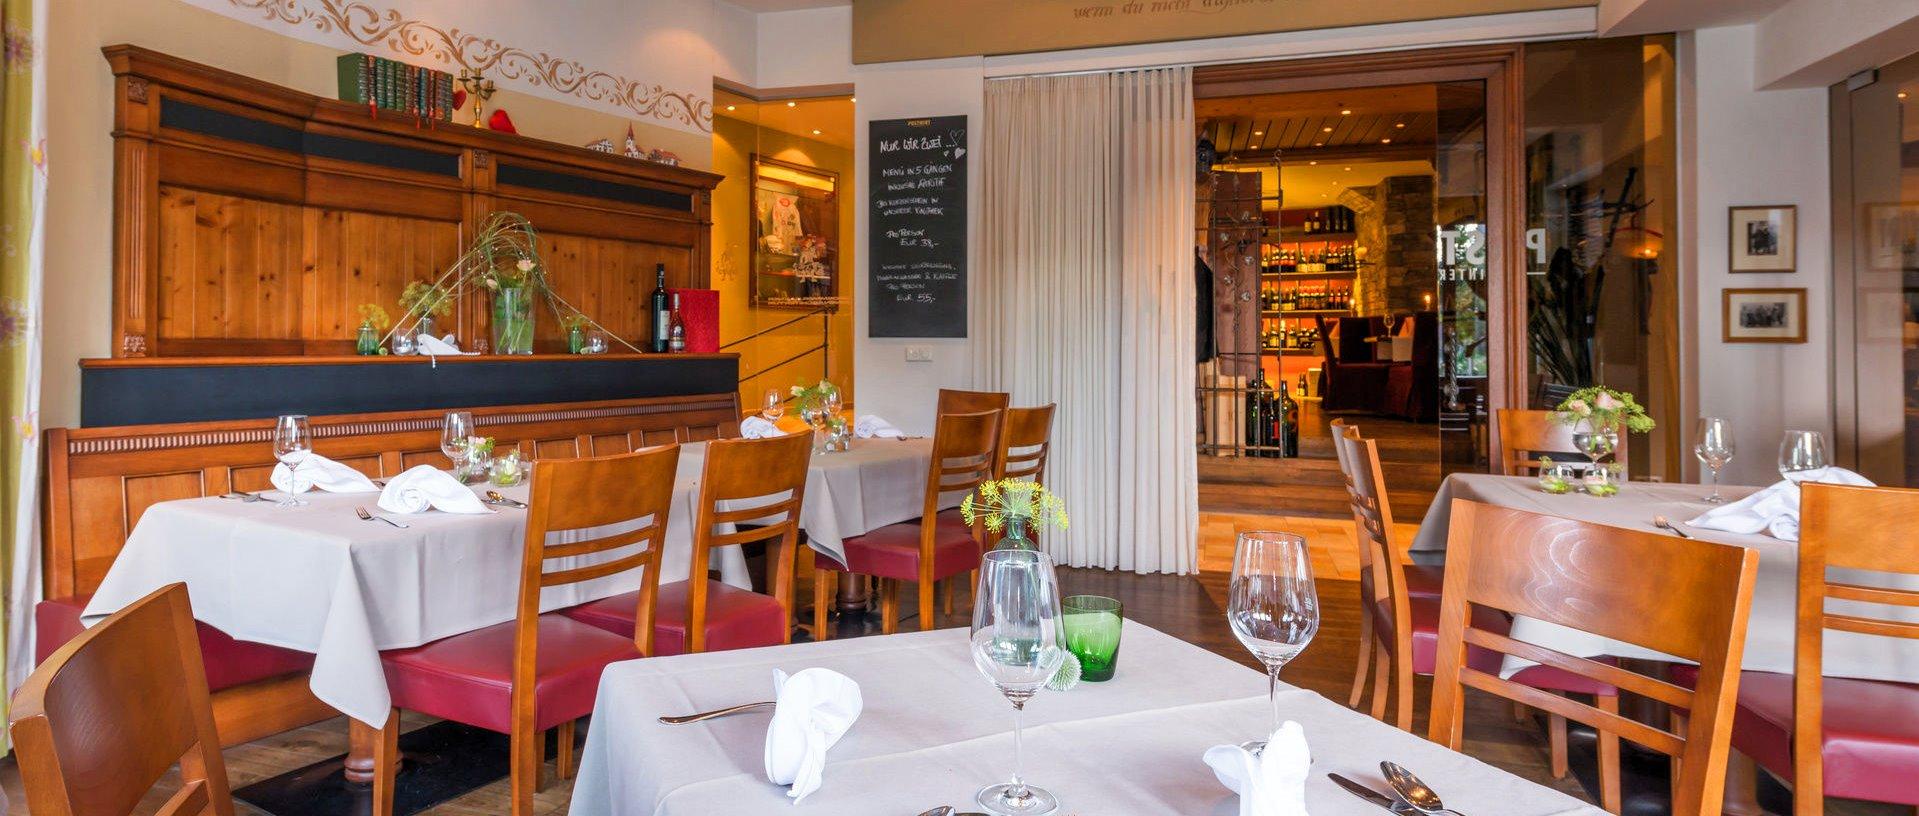 Entspannenden Wellnesstag in Grafenau im Restaurant genussvoll ausklingen lassen kleine Auszeit im Bayerischen Wald